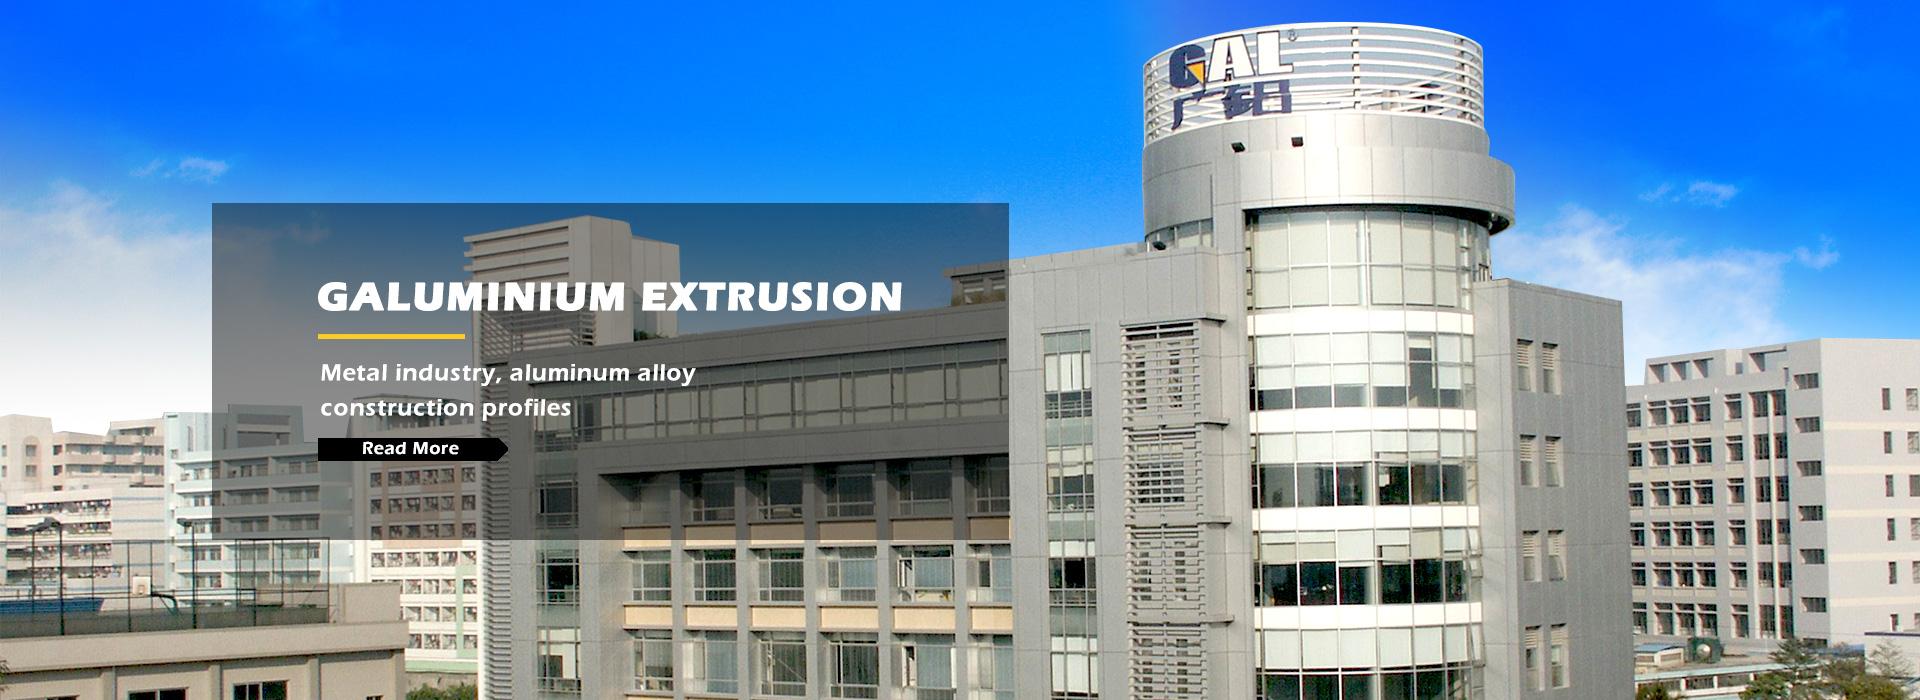 Galuminium Extrusion